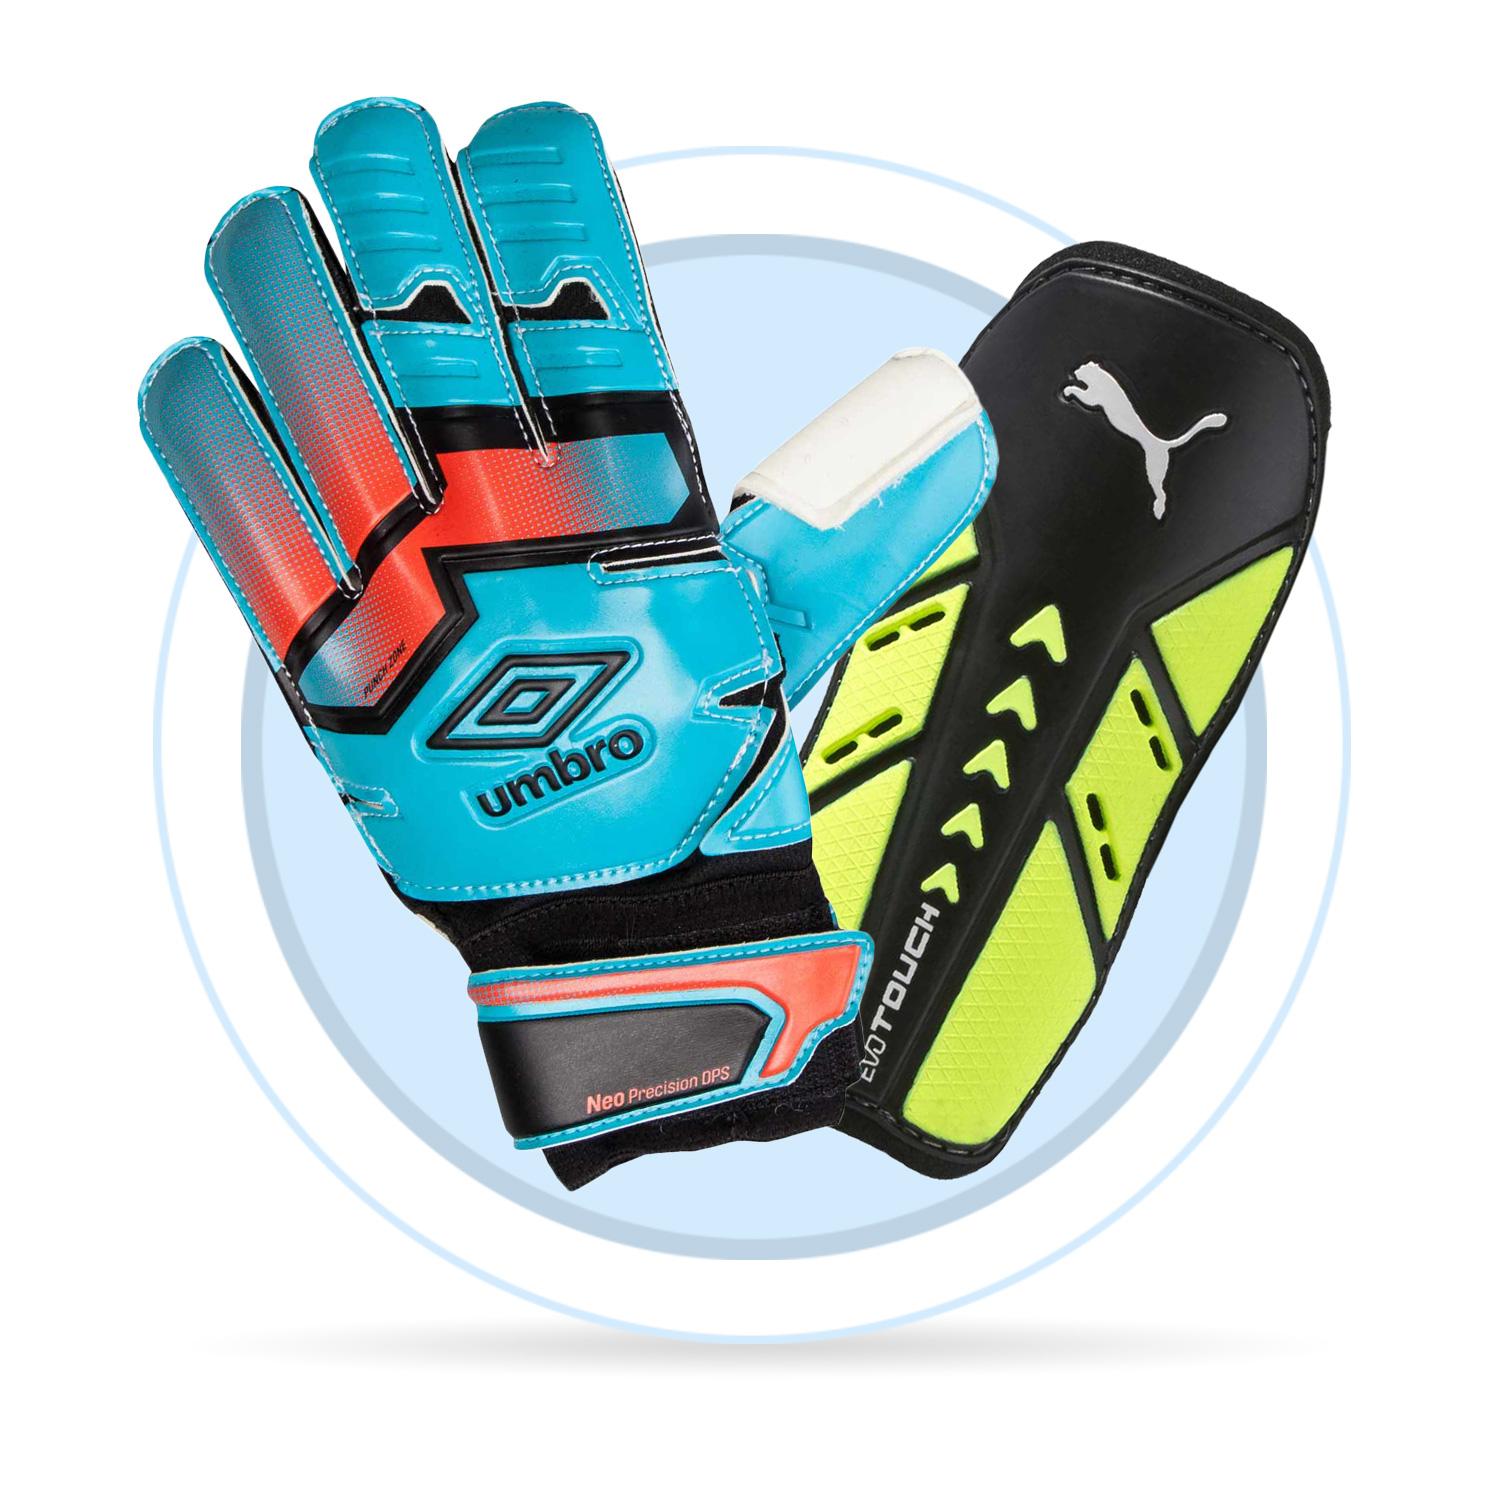 Jak vybrat fotbalové vybavení. Fotbalové vybavení je velice důležité pro  podání co nejlepšího výkonu. Brankářské rukavice nebo chrániče mají různé  ... fd0049356b